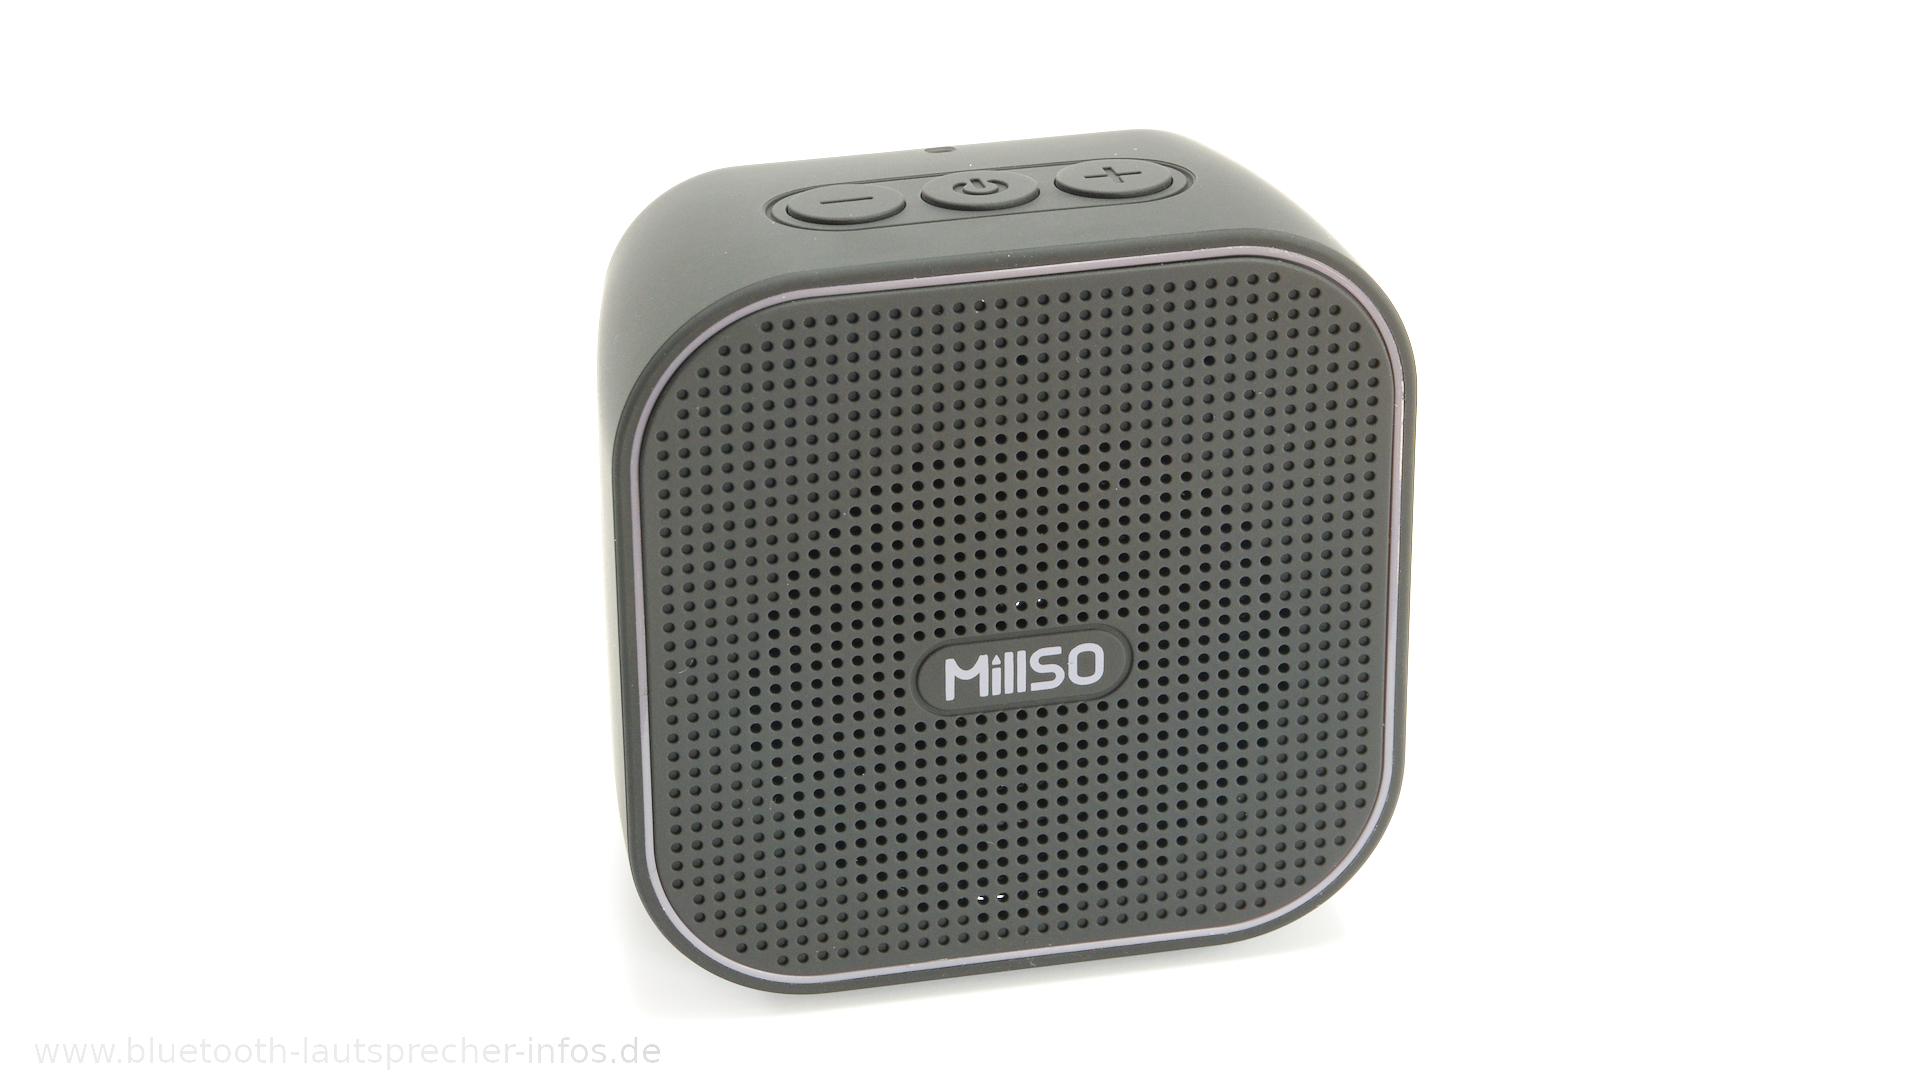 millso bv170 im test sehr preiswerter mini bluetooth lautsprecher mit sd kartenslot. Black Bedroom Furniture Sets. Home Design Ideas